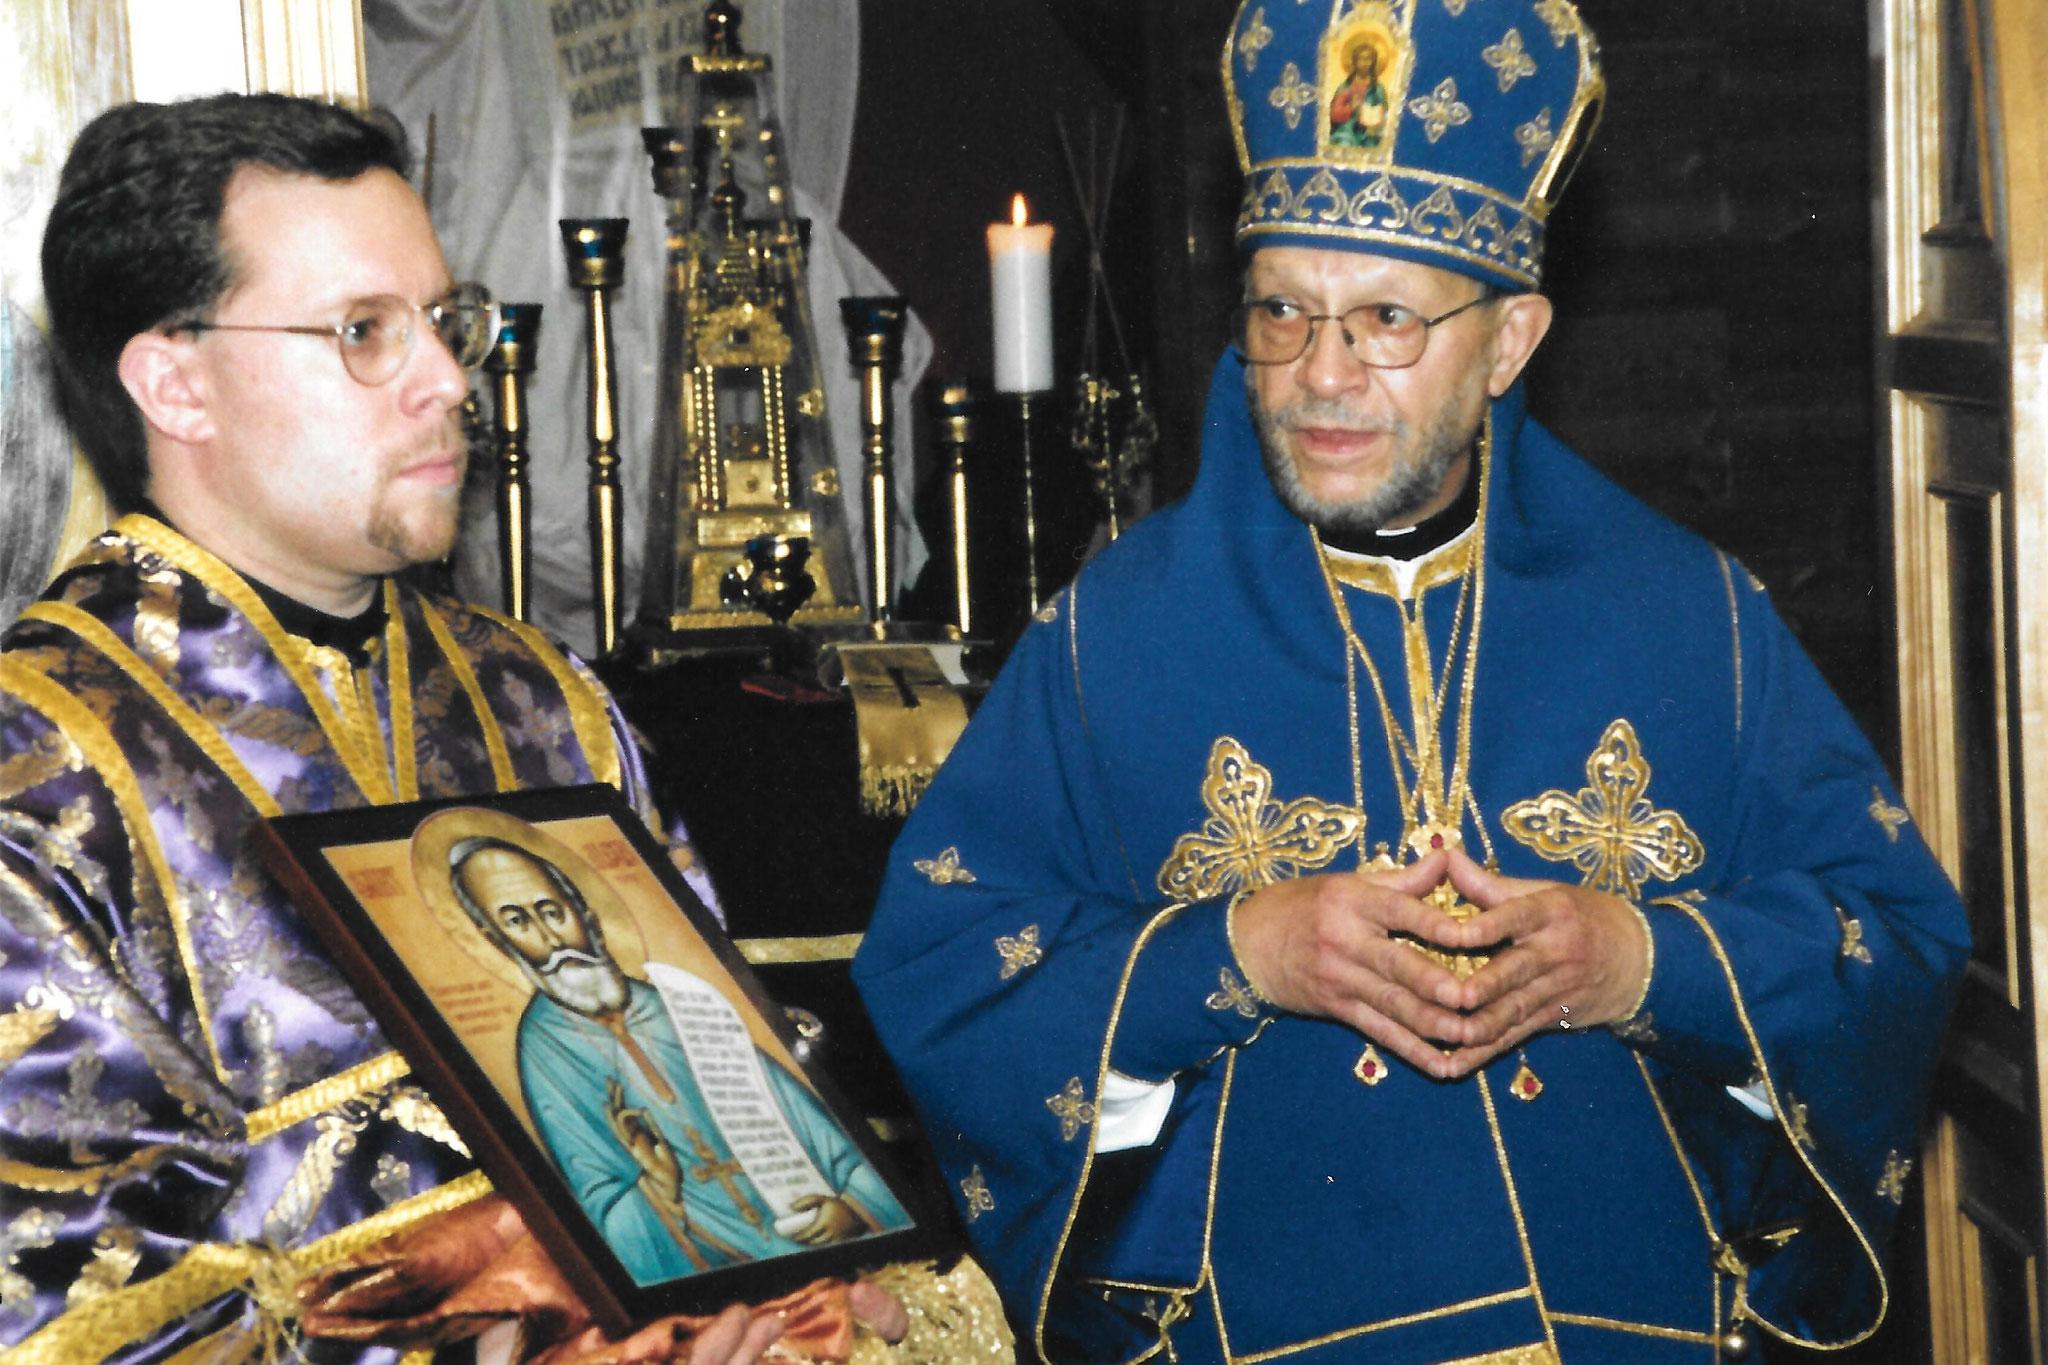 Визит предстоятеля автокефальной Церкви в Америке Митрополита Феодосия